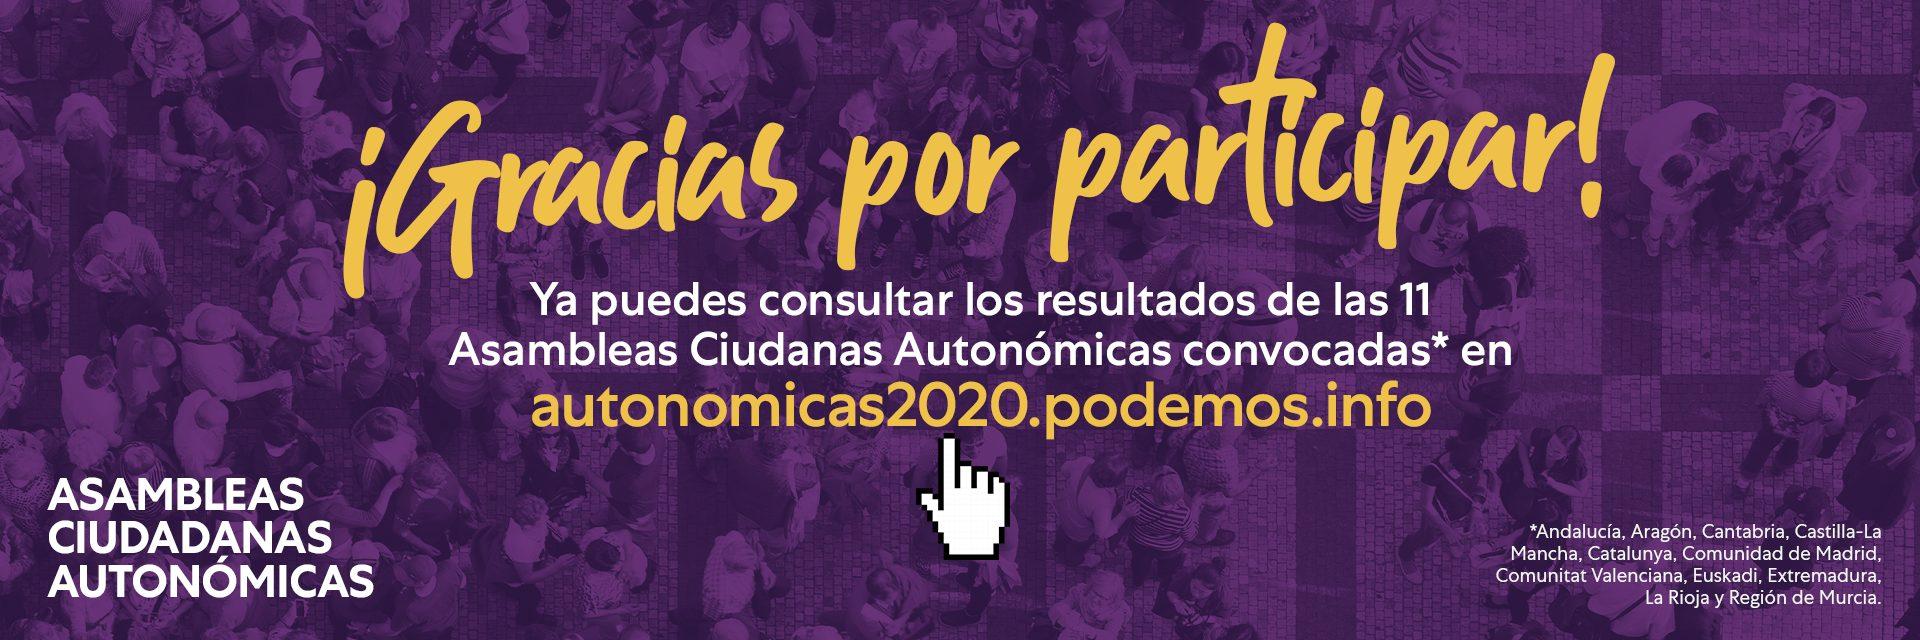 Resultados de las Asambleas Ciudadanas Autonómicas